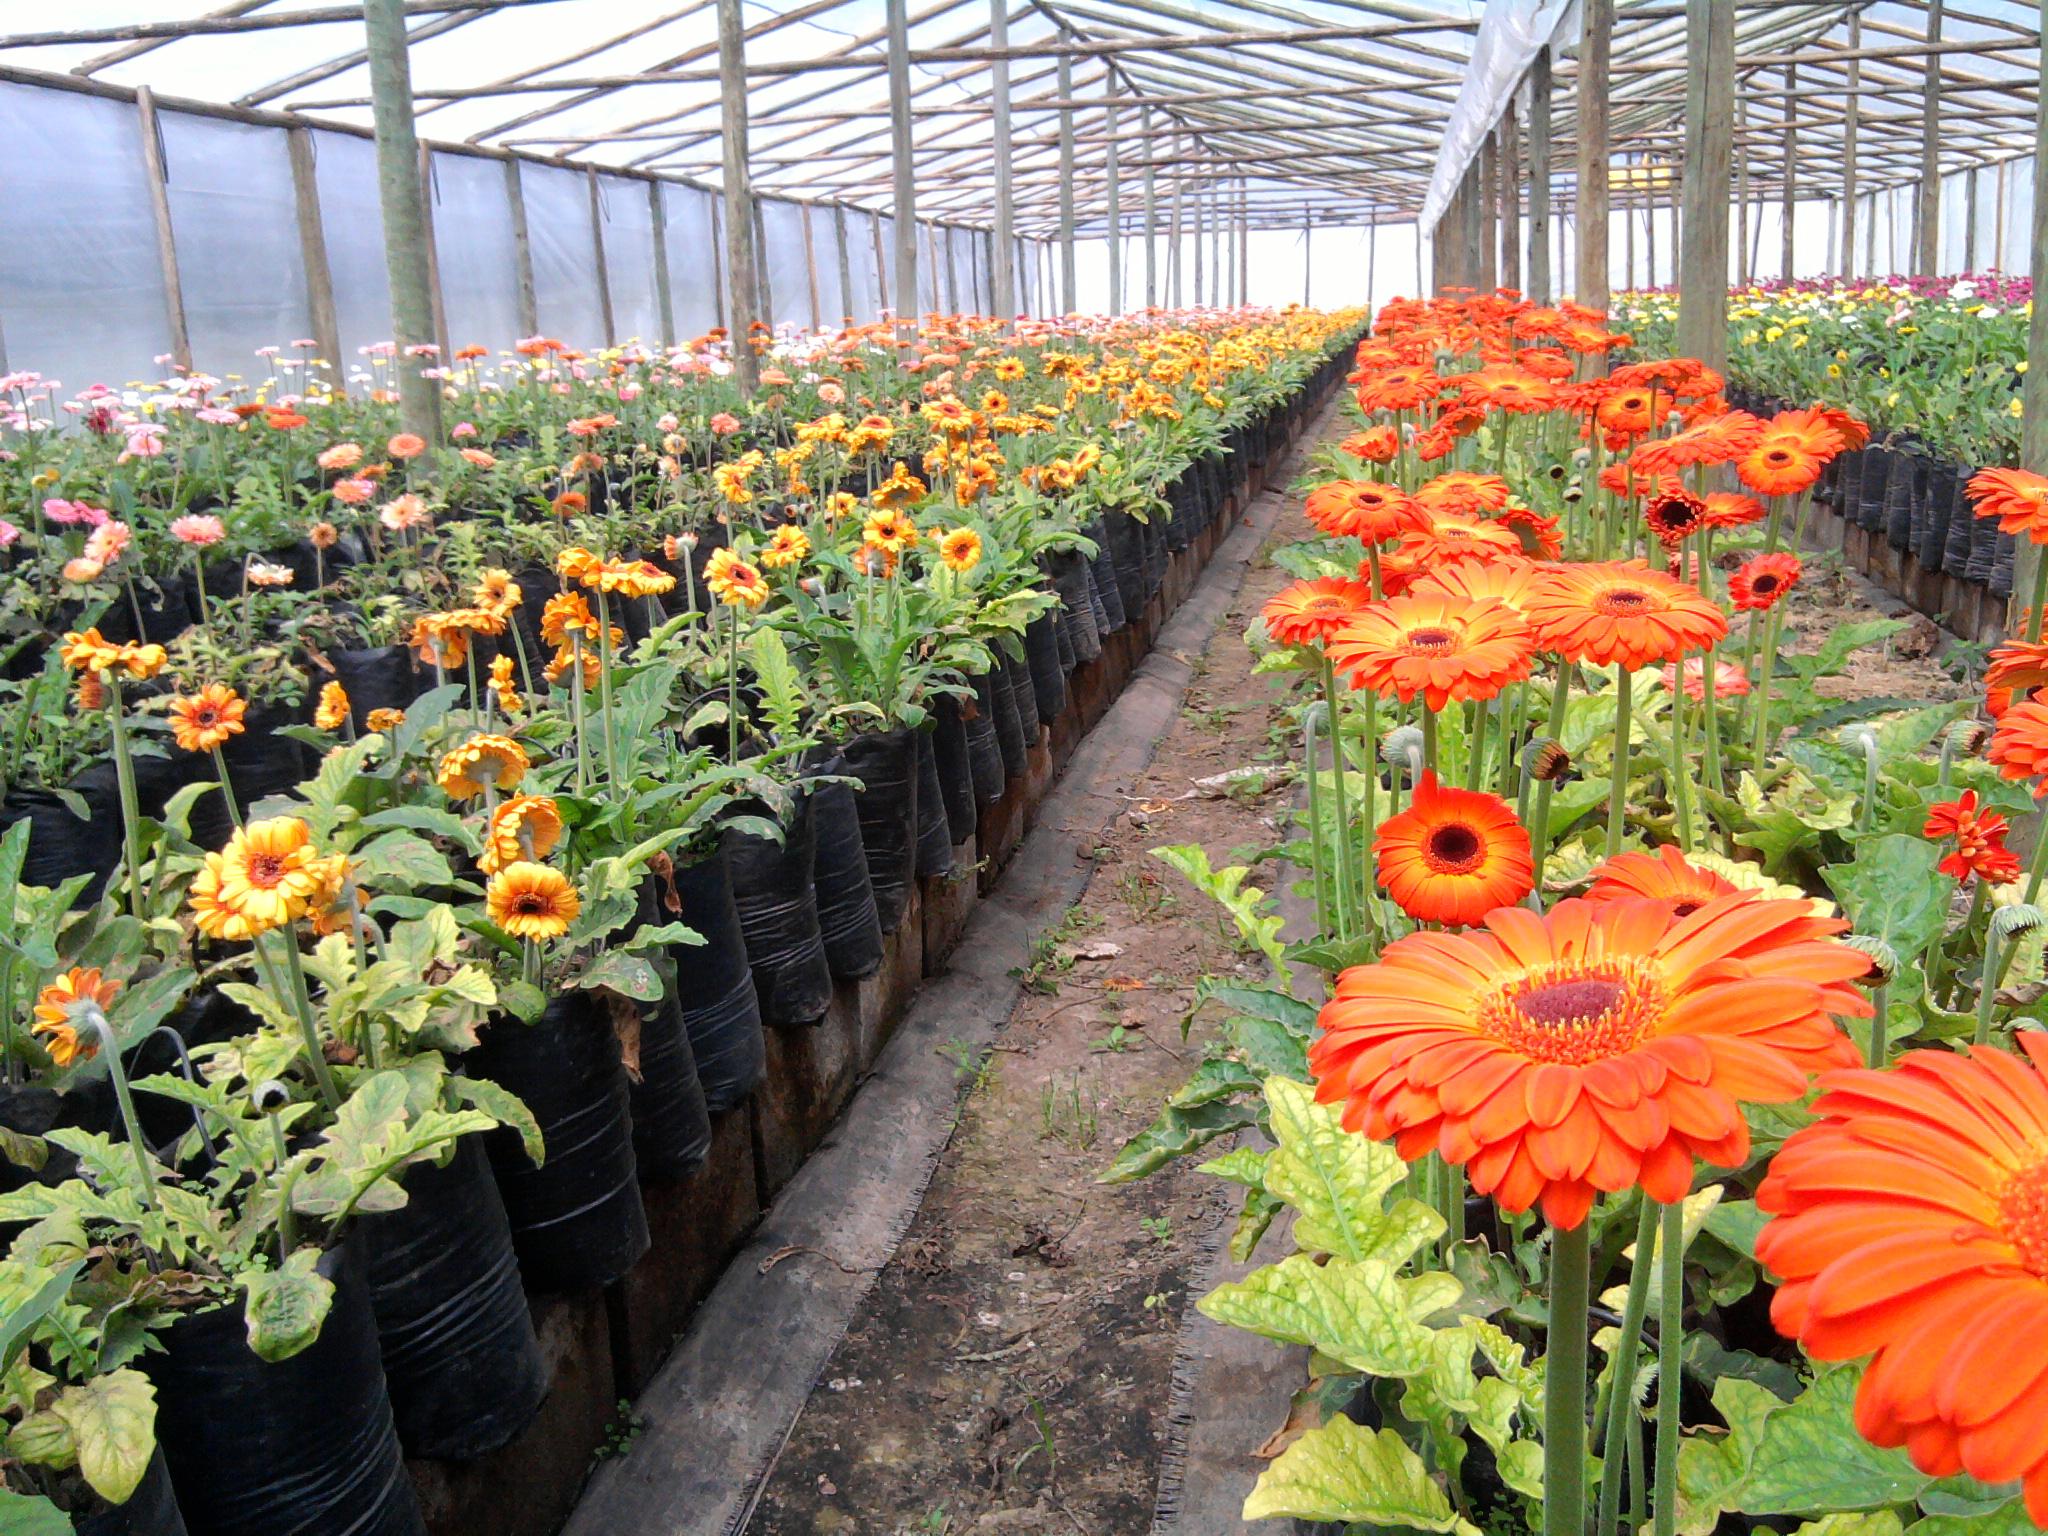 Vivero flores musacco flores musacco for Viveros de plantas en lima